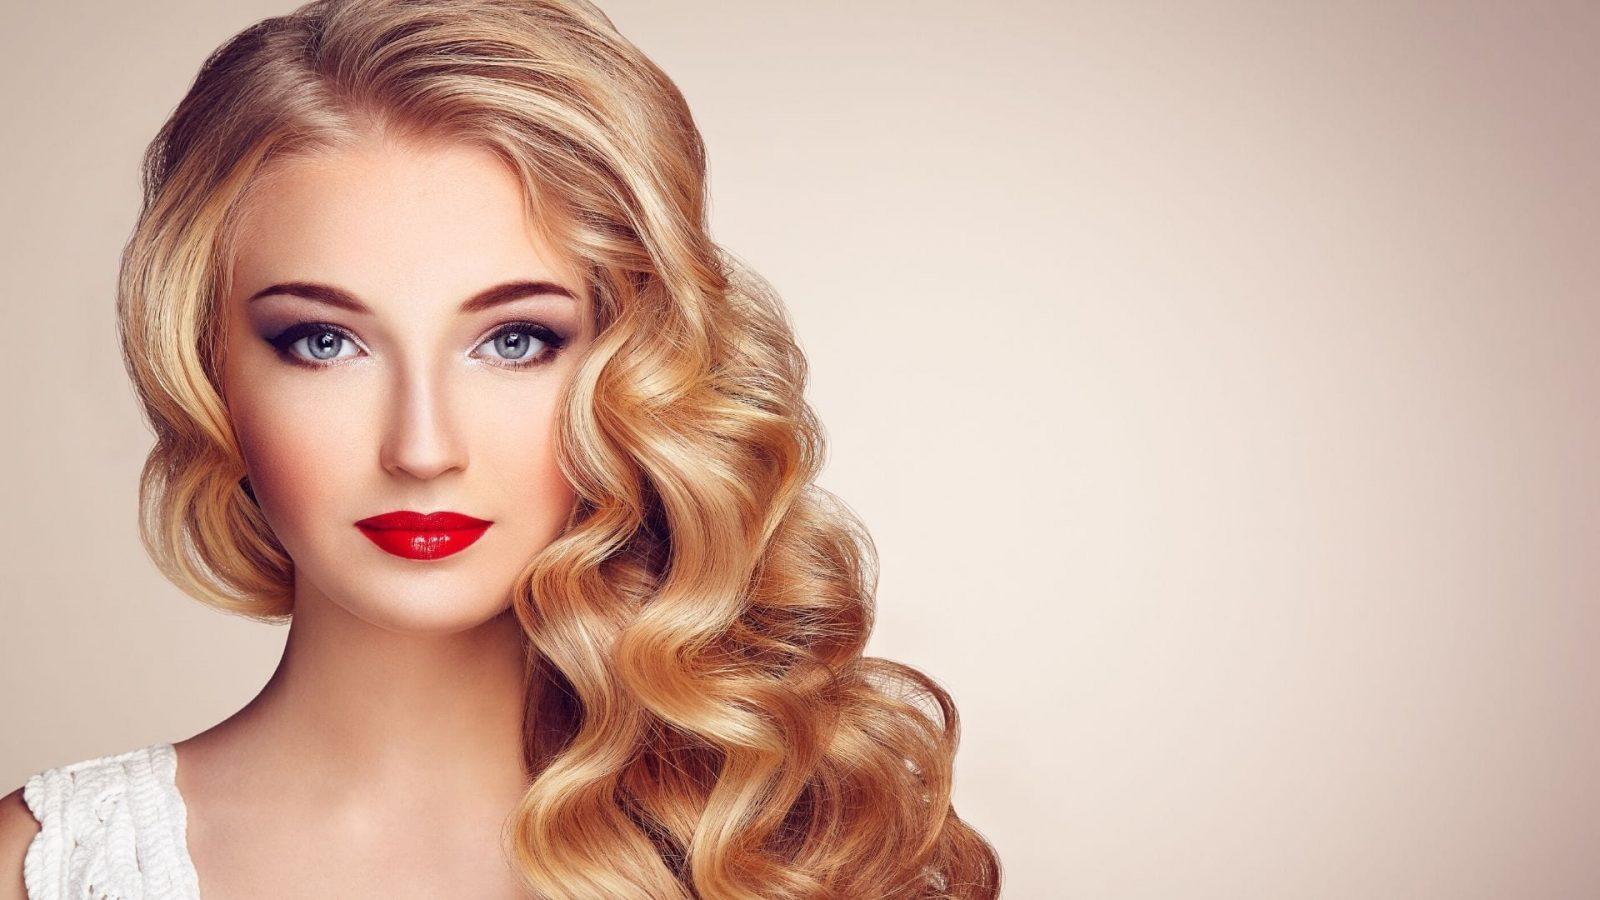 תמונה של בלונדינית יפהפייה מאופרת על רקע צבע בז' שמפנה לדף תכשירי שיער לעיצוב של מילר